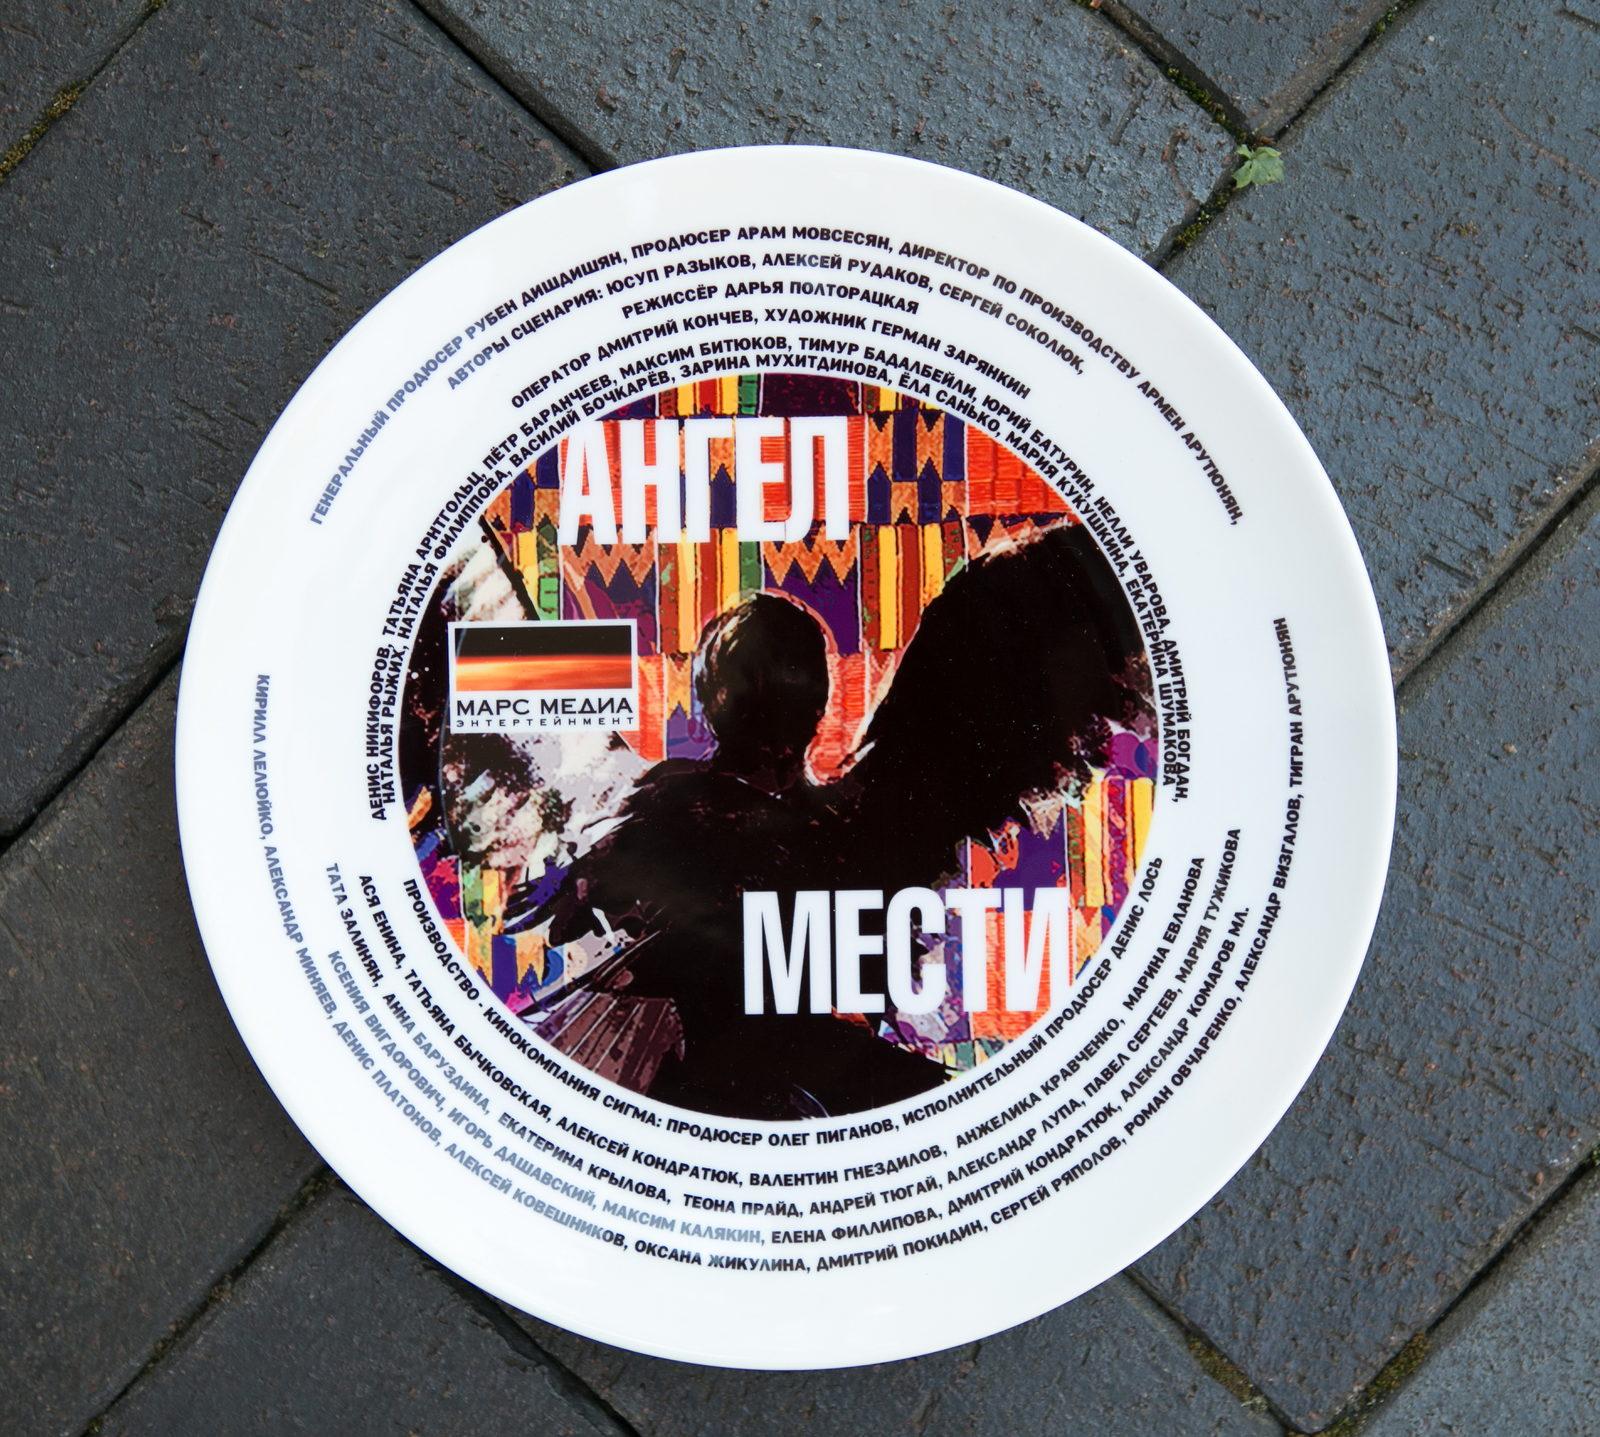 Денис Никифоров, Татьяна Арнтгольц и Нелли Уварова снимаются в «Ангеле мести»